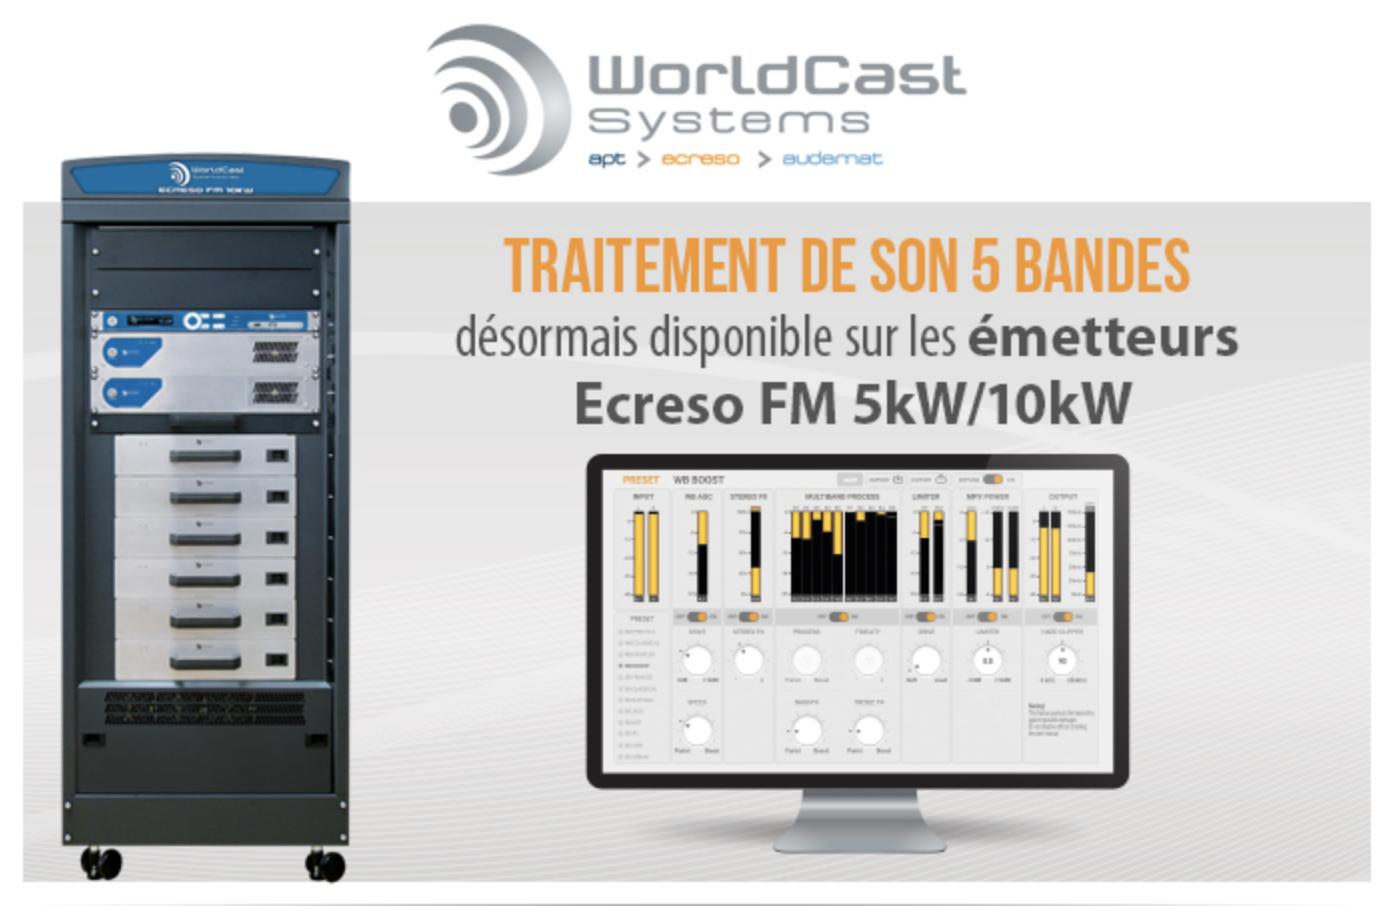 Un traitement de son 5 bandes intégré sur l'Ecreso FM 5kW/10kW